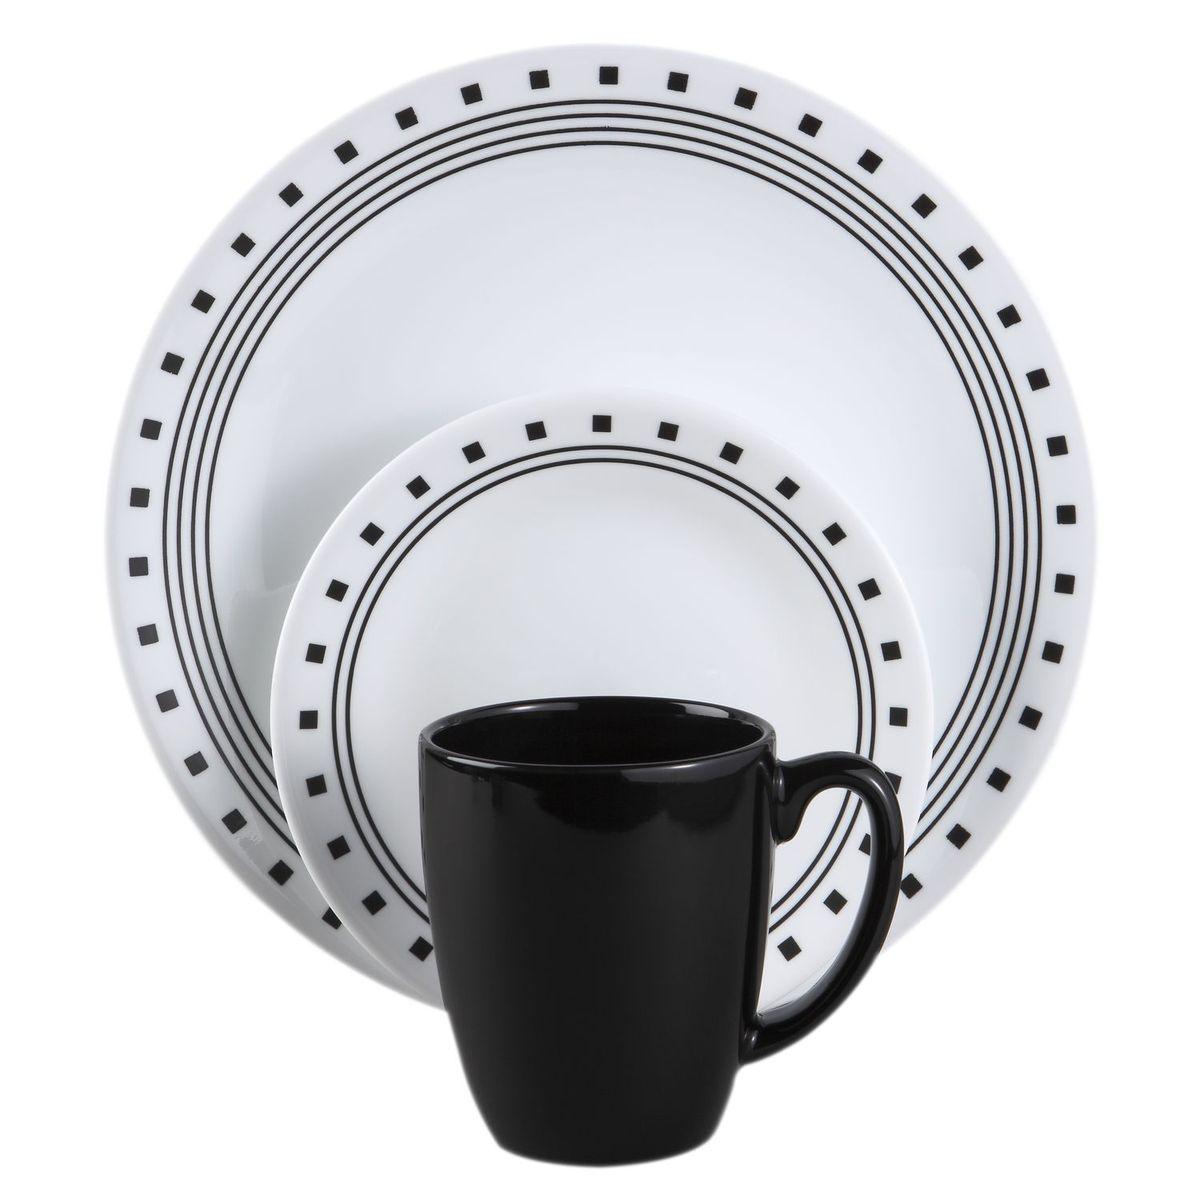 Набор посуды Corelle City Block, цвет: белый, 16 предметов. 10742081074208Набор посуды Corelle City Block выполнен из высококачественного ударопрочного трехслойного стекла Vitrelle и декорирован узором. Рисунки не стираются и не царапаются, не теряют свою яркость на протяжении многих лет. Набор включает: 4 кружки, 4 обеденные тарелки, 4 десертные тарелки, 4 суповые тарелки. Преимуществами посуды Corelle являются долговечность, красота и безопасность в использовании. Посуда Corelle не впитывает запахов и очень долгое время выглядит как новая. Уникальная эмаль, используемая во времядекорирования, фактически становится единым целым с поверхностью стекла, что гарантирует долгое сохранение нанесенного рисунка. Еще одним из главных преимуществ посуды Corelle является ее безопасность. Впроизводстве используются только безопасные для пищи пигменты эмали, при производстве посуды не применяется вредный для здоровья человека меламин. Такой набор непременно украсит ваш праздничный стол.Предметы набора допустимо использовать в микроволновой печи и мыть в посудомоечной машине.Диаметр обеденной тарелки: 26 см. Высота обеденной тарелки: 2 см. Диаметр десертной тарелки: 17 см. Высота десертной тарелки: 2 см. Диаметр суповой тарелки: 16 см. Высота суповой тарелки: 4,5 см. Объем суповой тарелки: 530 мл. Диаметр кружки (по верхнему краю): 8,5 см. Высота стенок кружки: 10 см. Объем кружки: 325 мл.